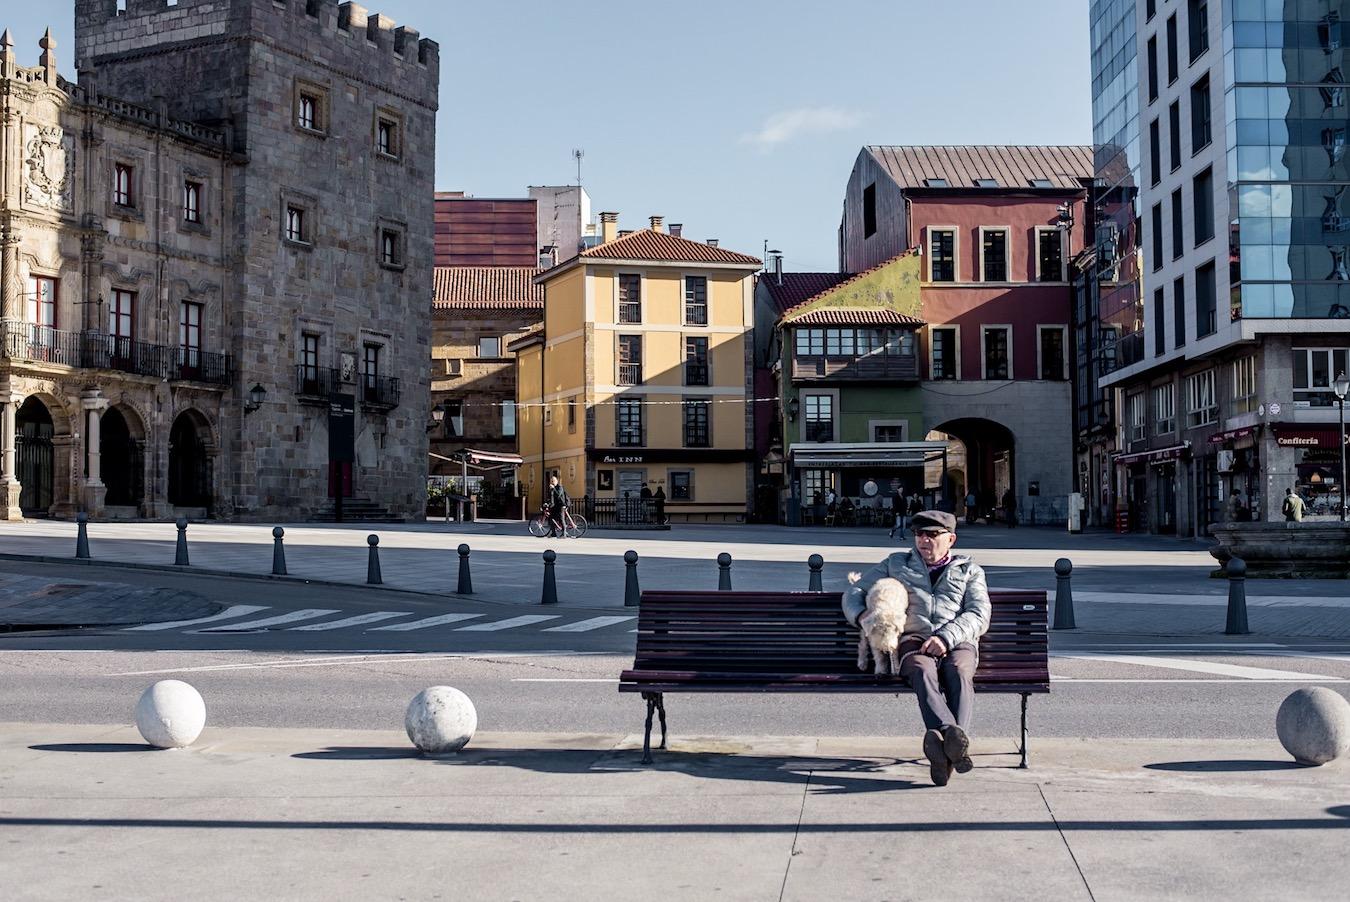 Gijon, Asturias, northern Spain